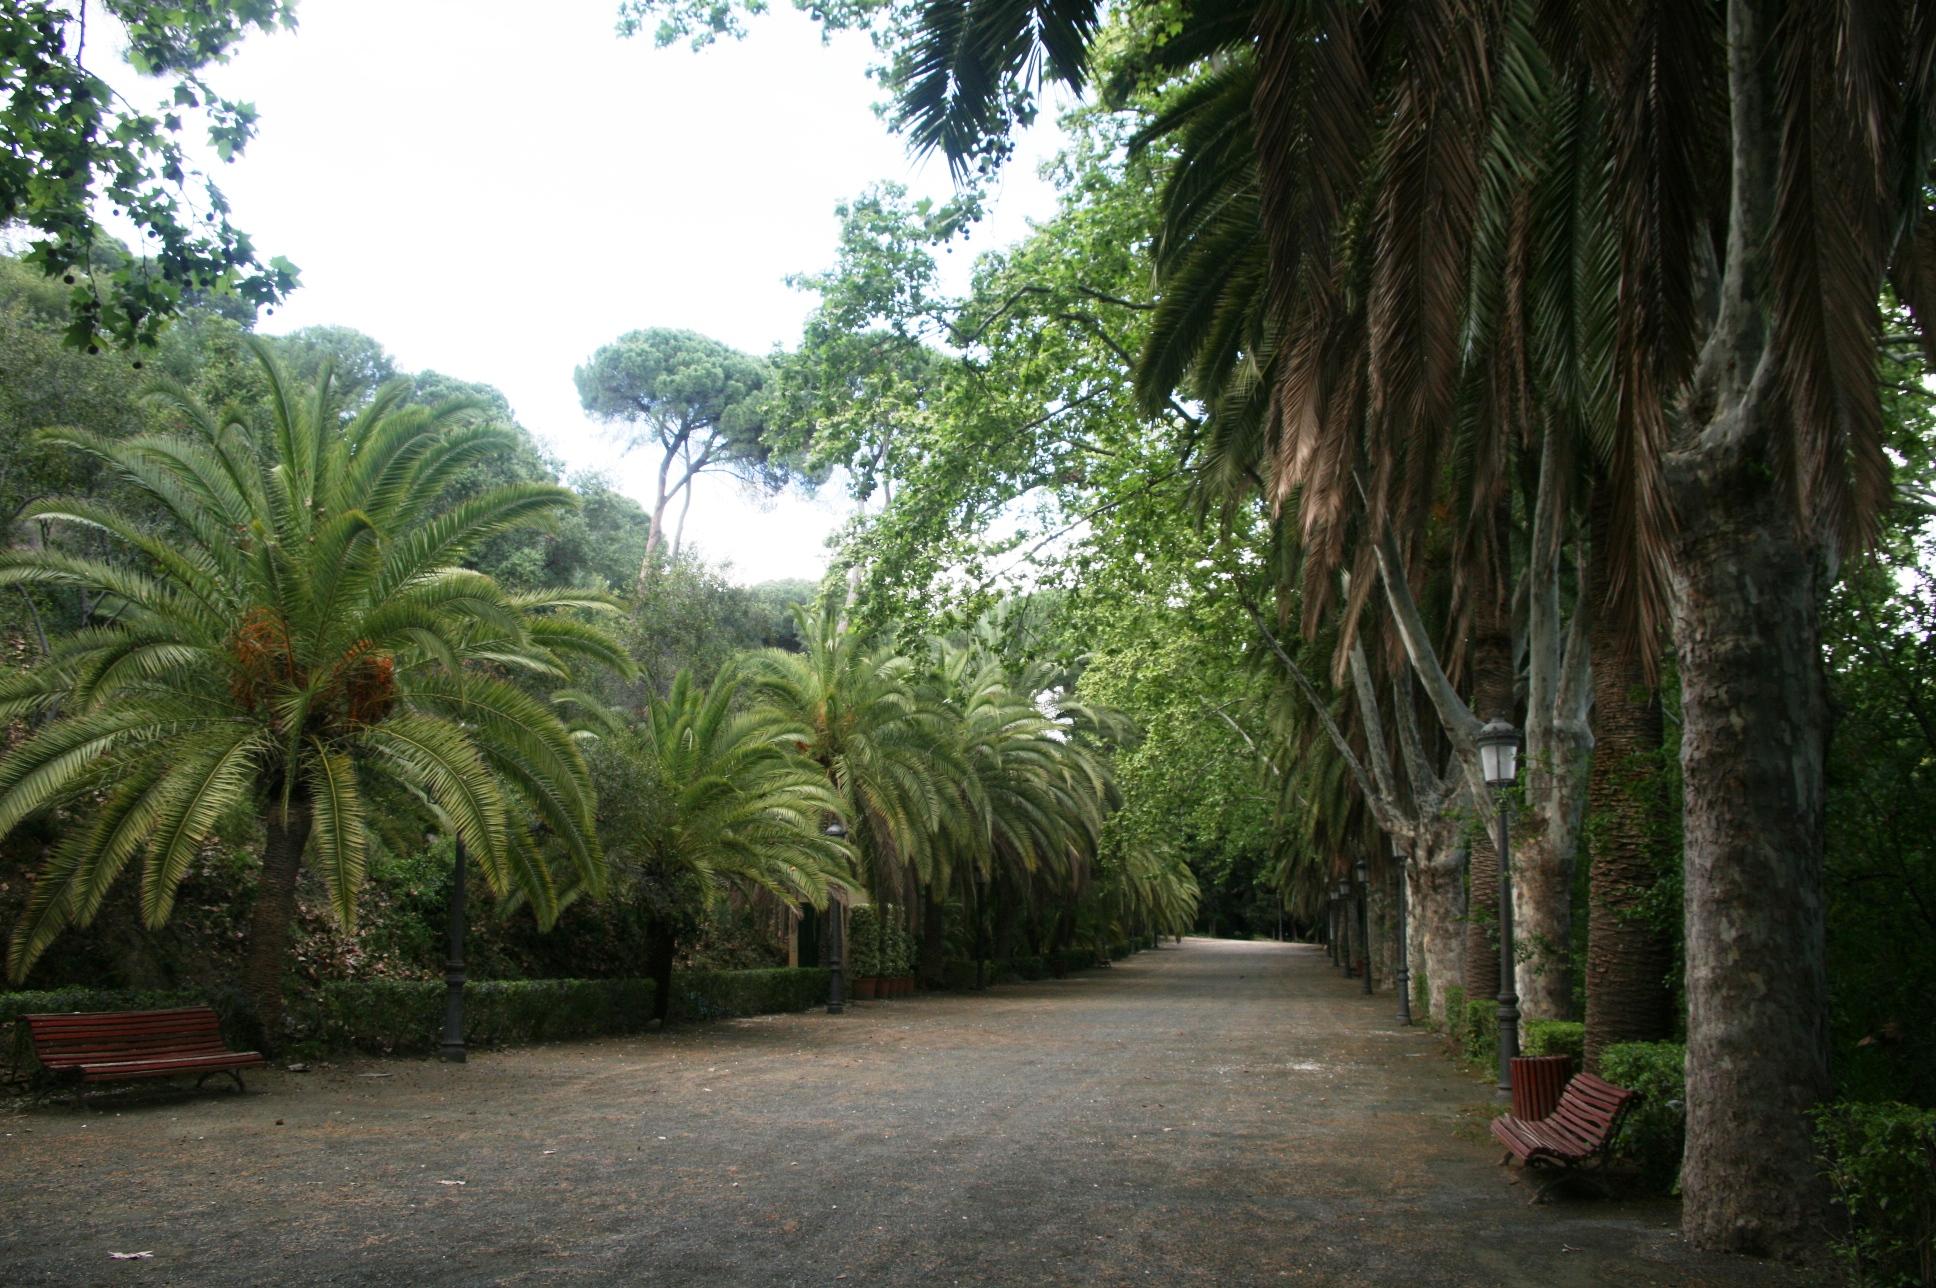 La collection de palmiers est considérée comme l'une des plus variées d'Europe, composée d'environ 100 espèces - © J.-F. Coffin